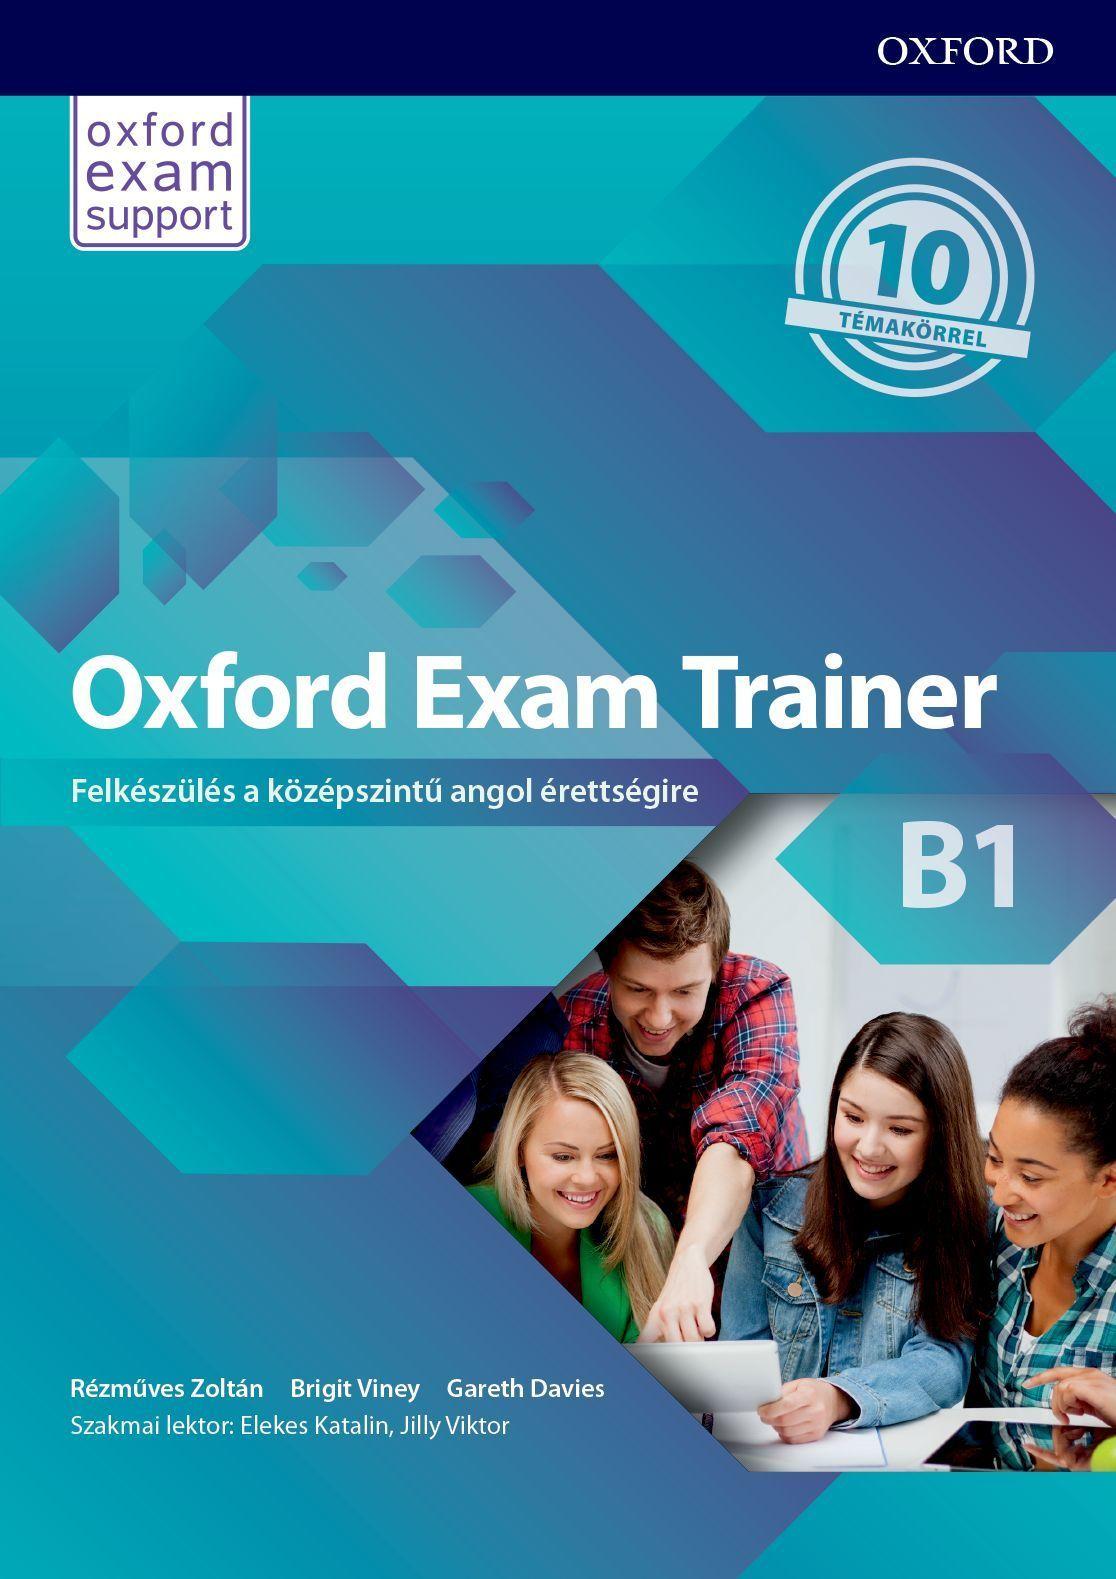 Kapható az Oxford Exam Trainer B1 szintű érettségi felkészítő